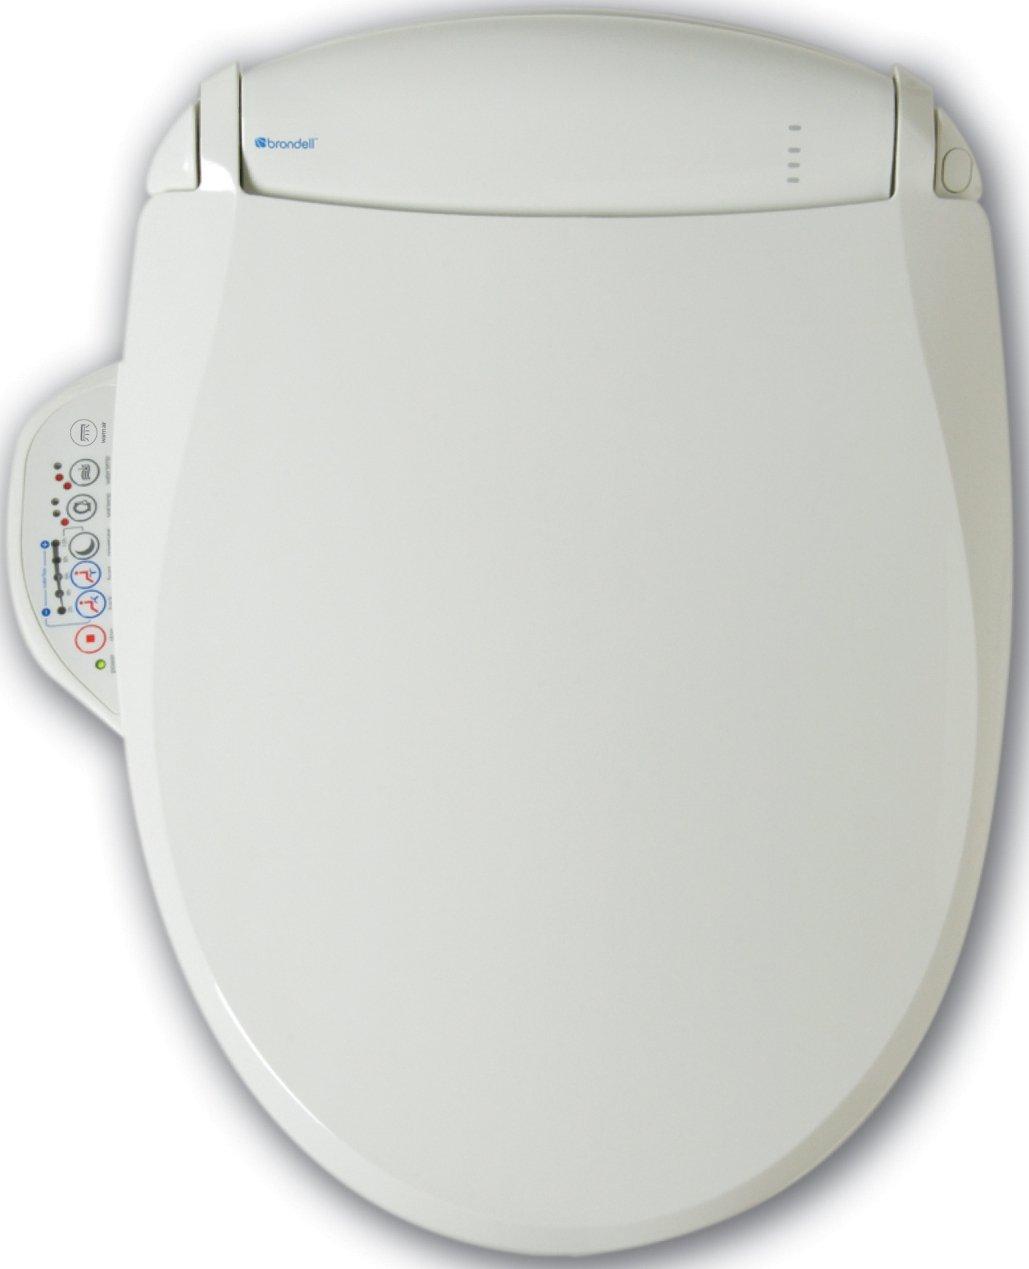 Brondell S550-RW Swash 550 Luxury Toilet Seat Round, White